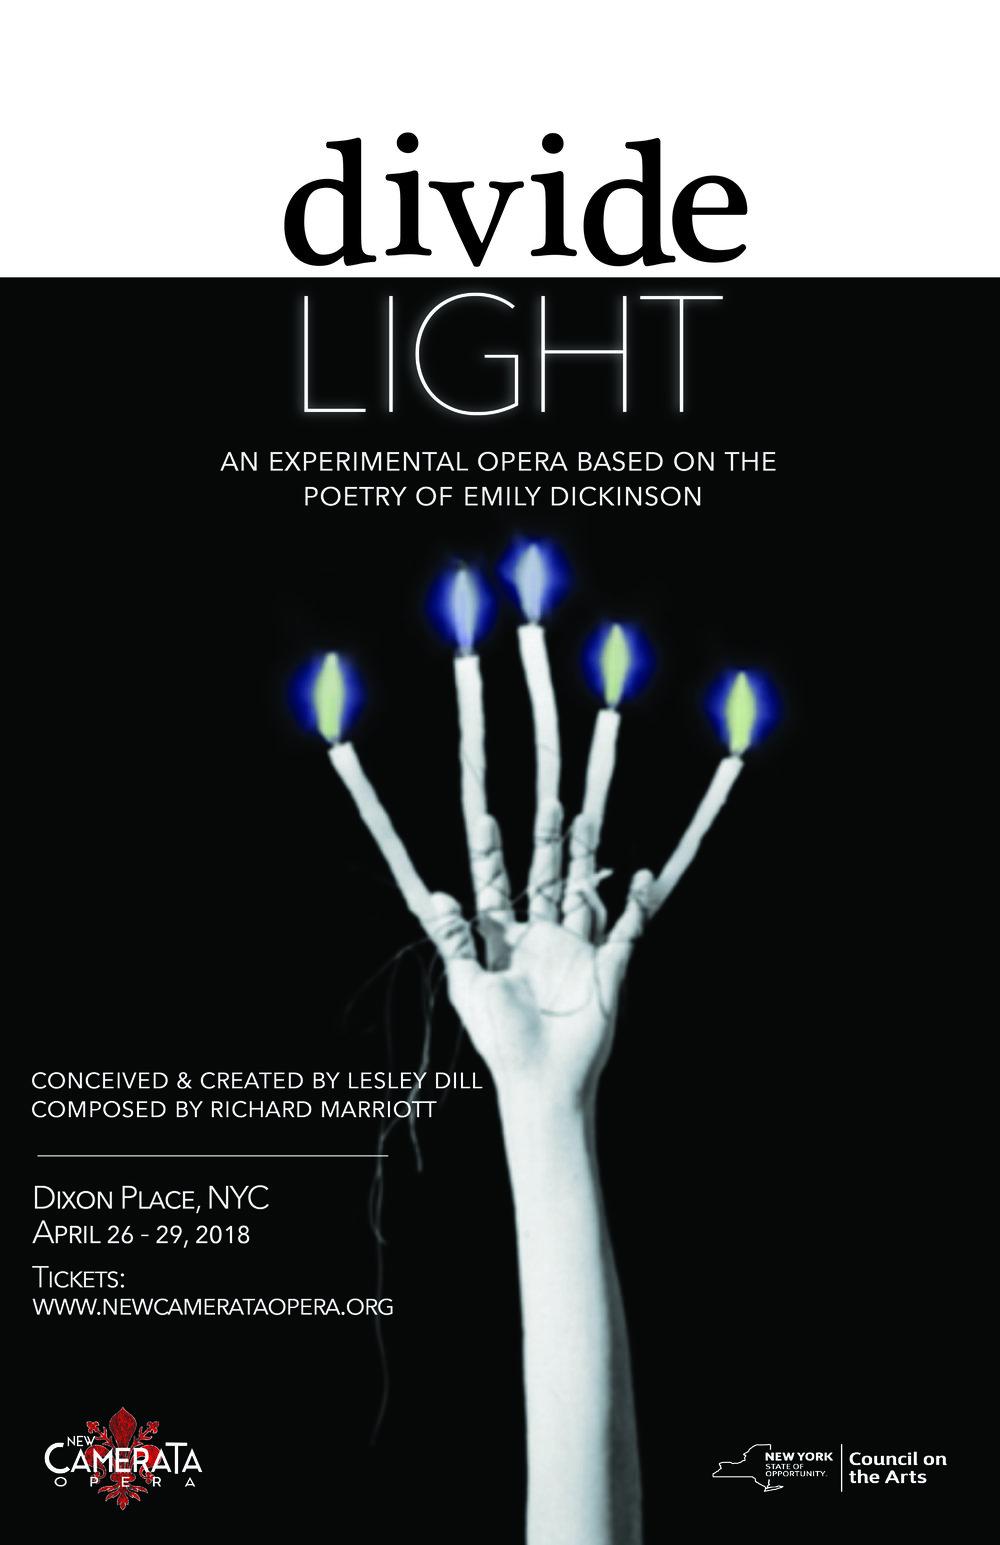 Divide Light Poster 11x17 - Candlehands-01.jpg